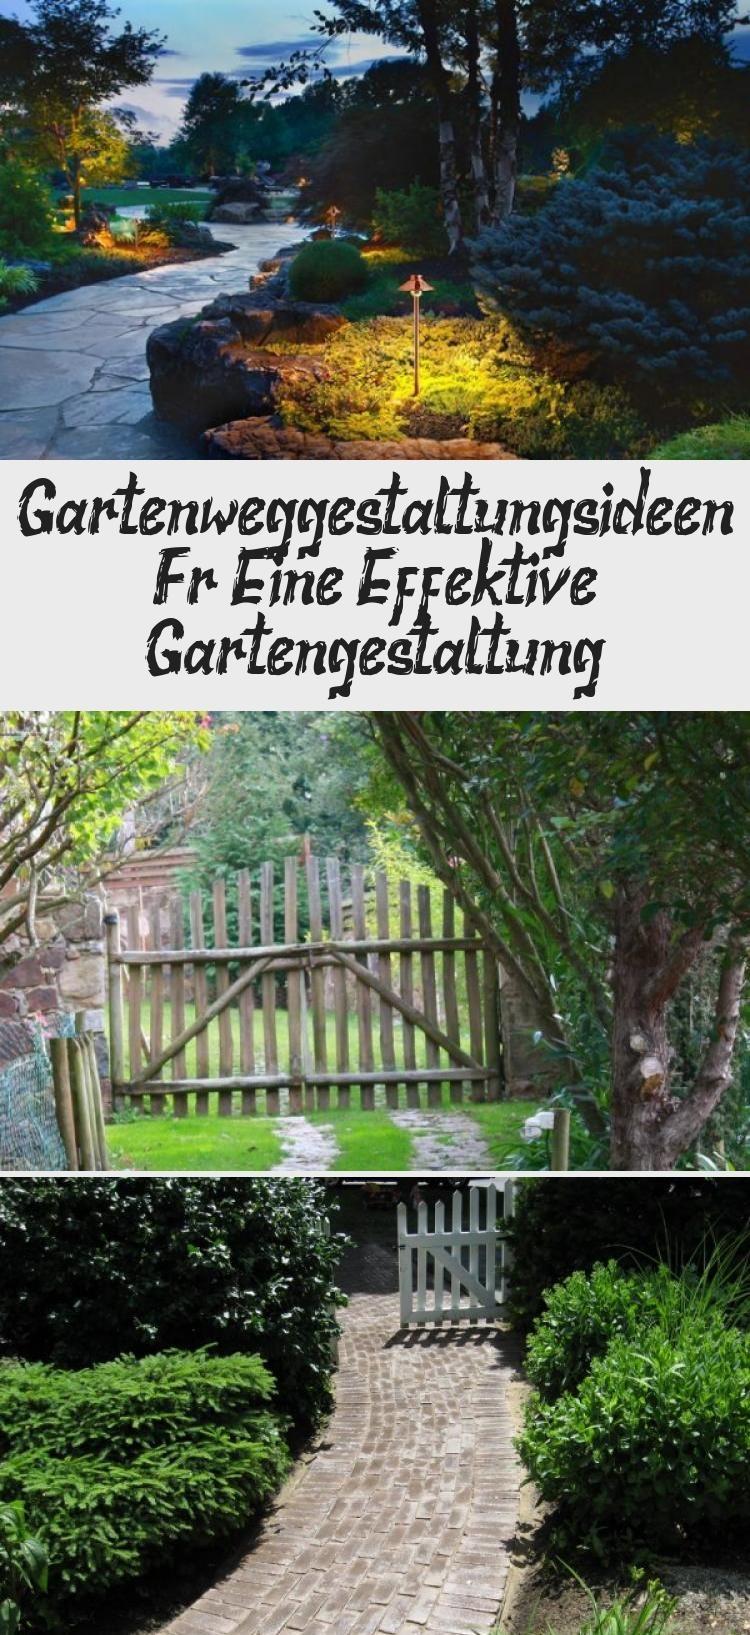 Gartenweg-Gestaltungsideen für eine effektive Gartengestaltung  #effektive #gartengestaltung #gartenweg #gestaltungsideen #Landschaftsgarten #landschaftsgarten